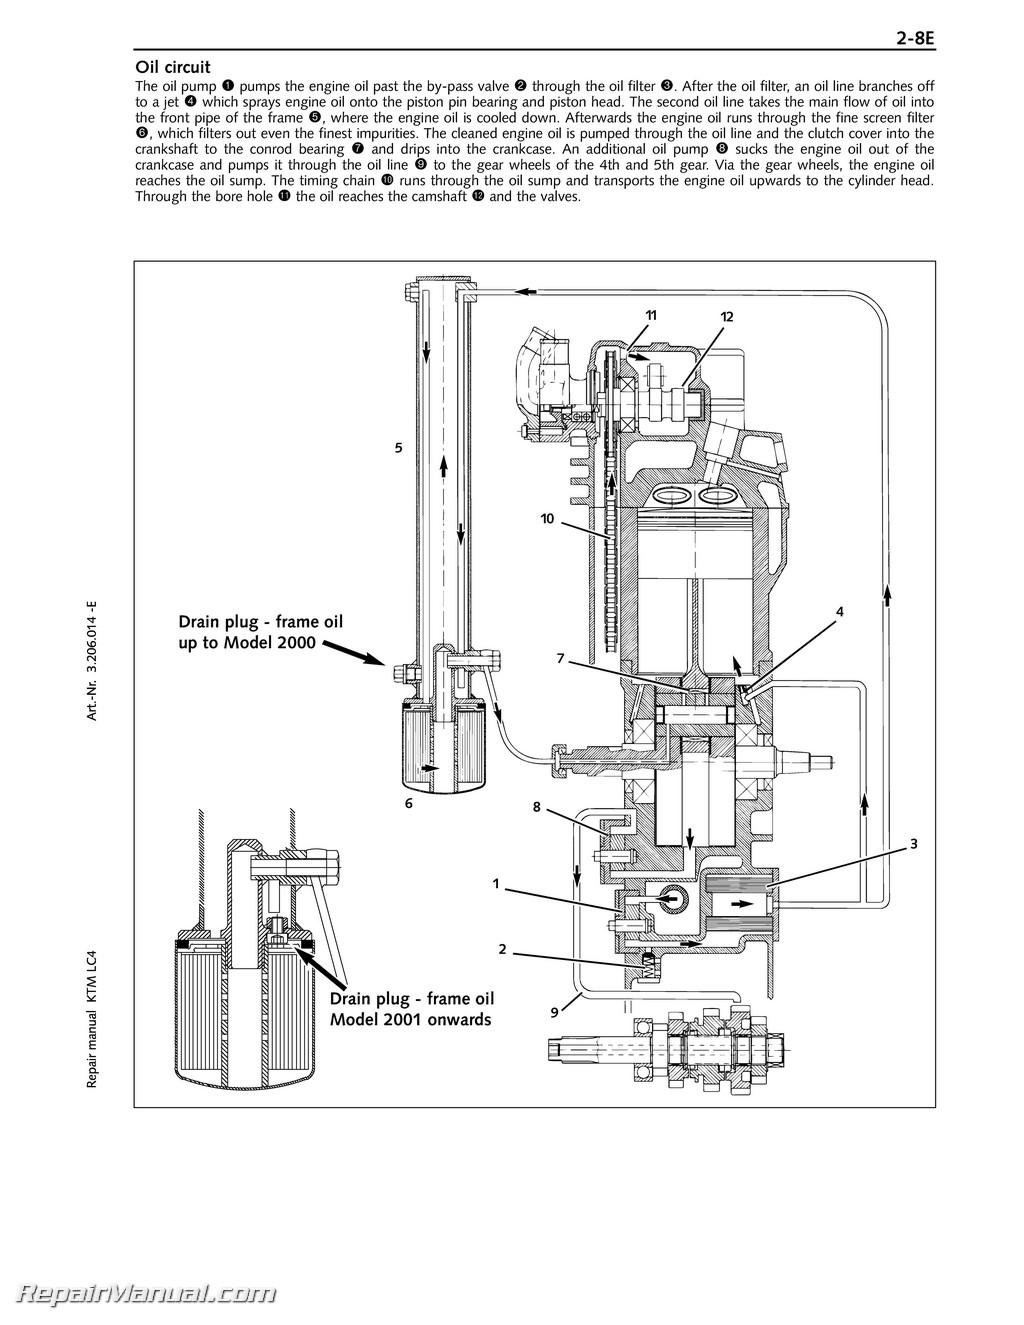 2005 Polaris Sportsman 500 Wiring Diagram